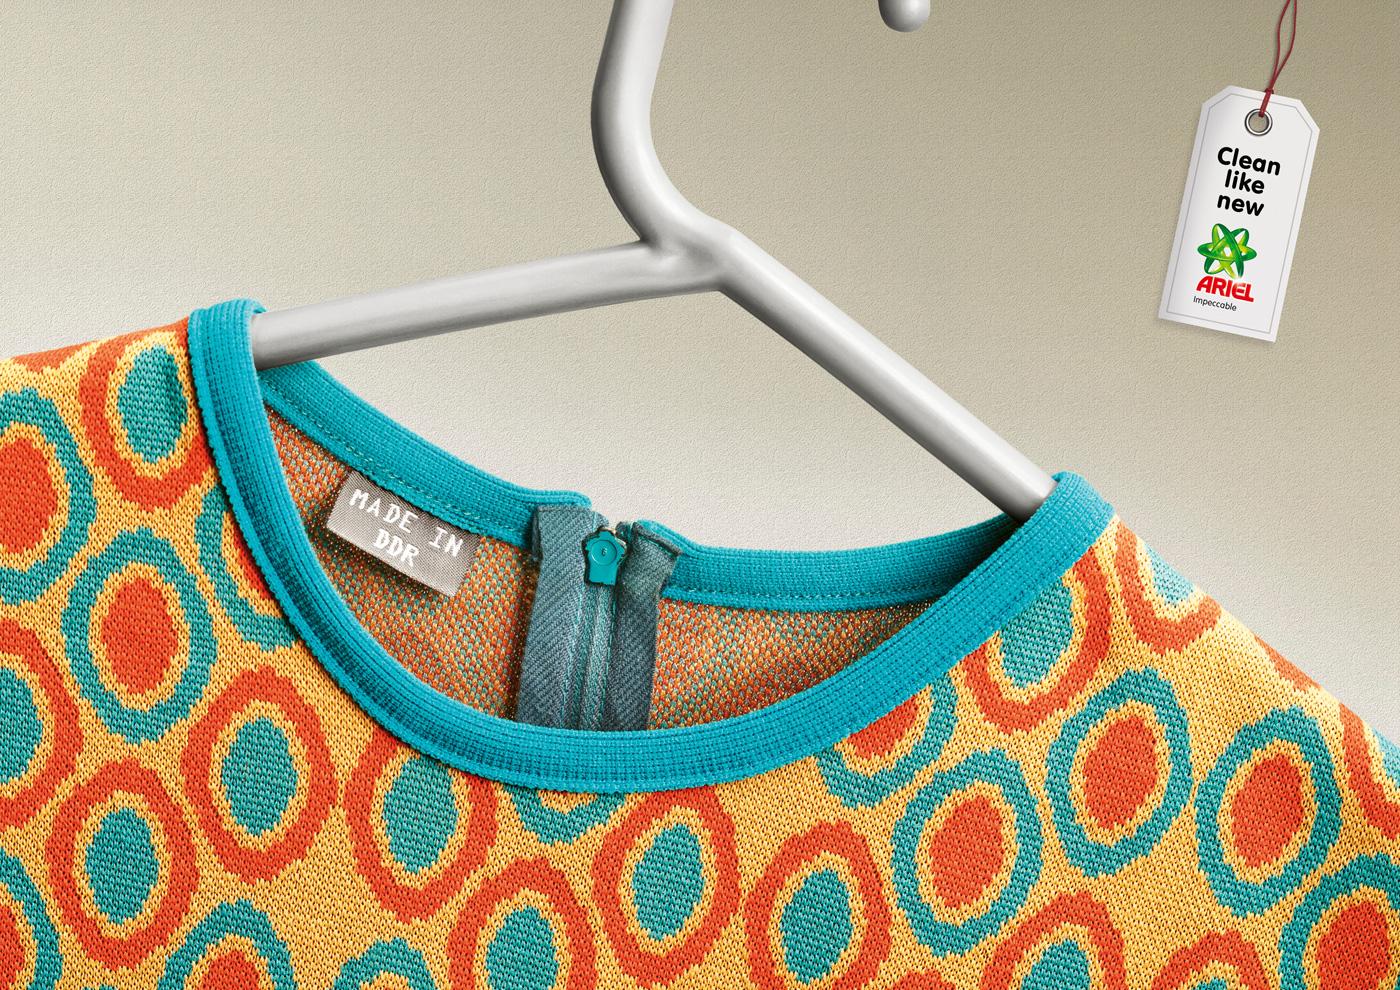 b161ccccd3 A tarkabarka és szemmel láthatóan is idejétmúlt, de élénk színű és  kifogástalan anyagú ruhák címkéjére a készítés helyeként már feloszlott  államokat ...